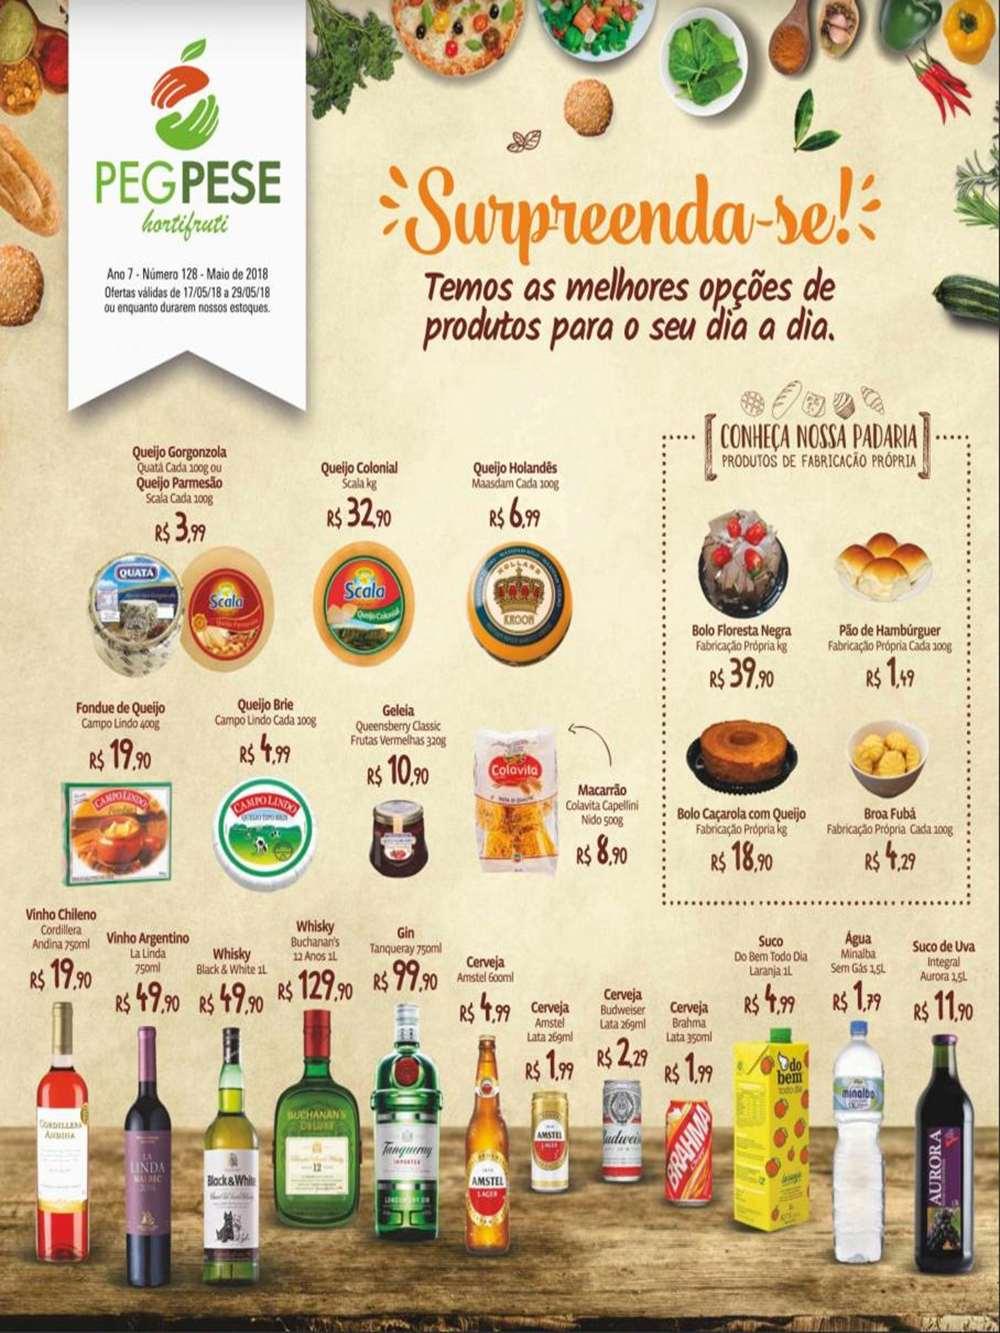 Ofertas-pegpese1-1 Ofertas de Supermercados